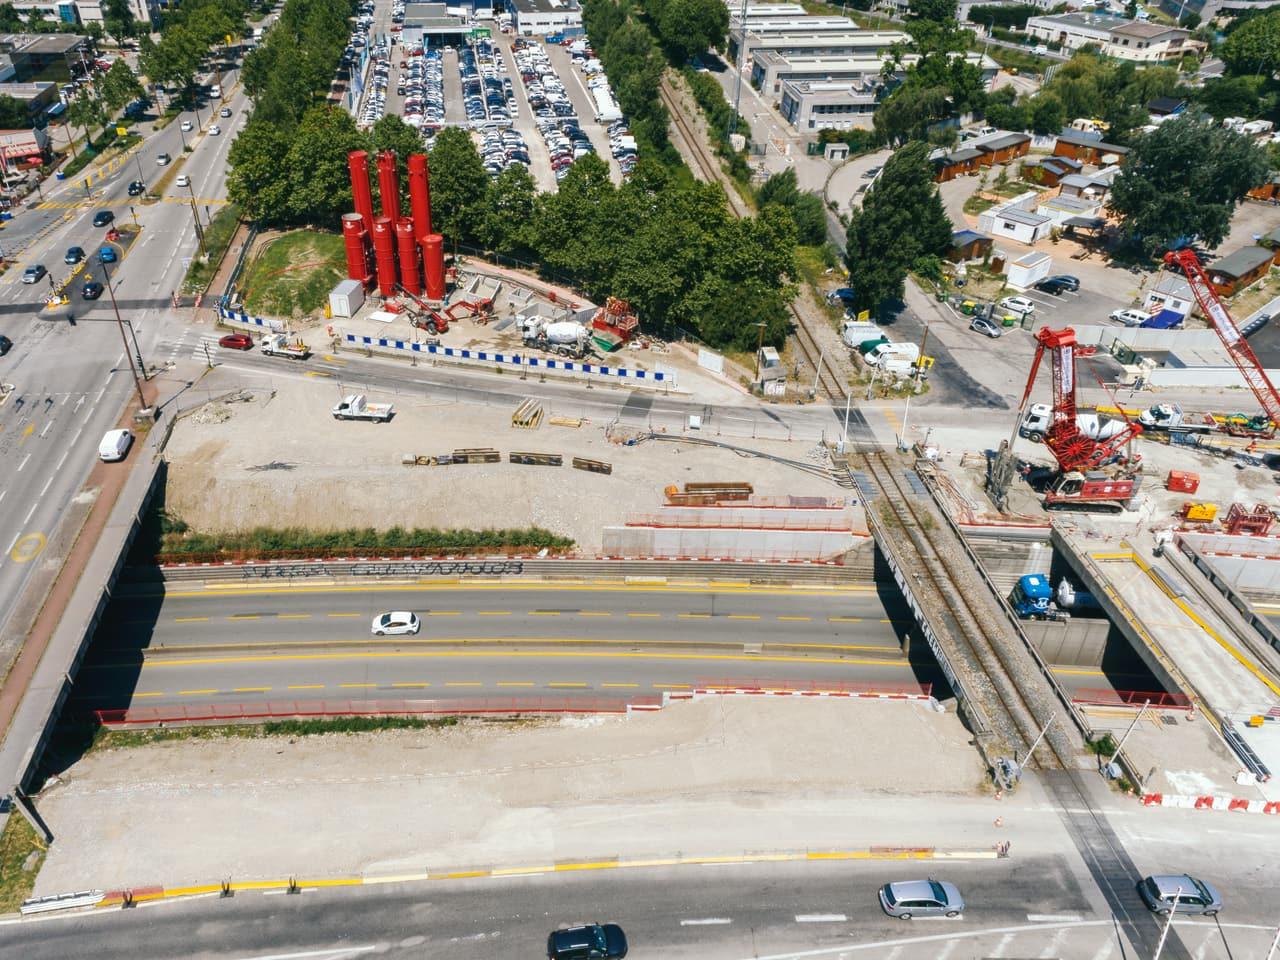 Centrales à boue (silos rouge) et benne preneuse manipulée par la grue (à droite)